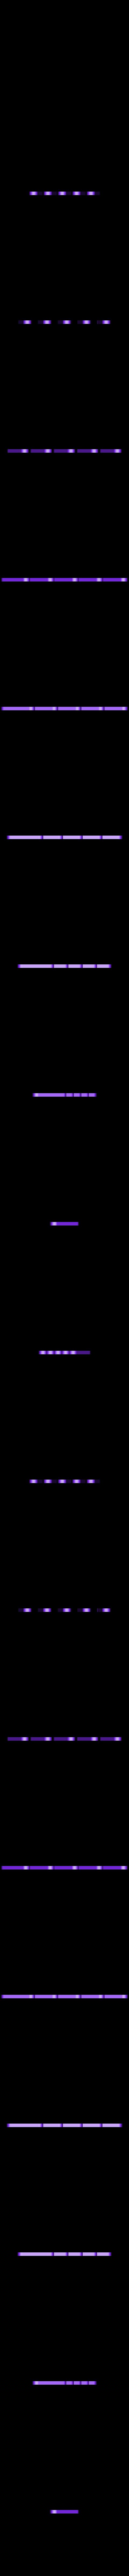 bhl-box-b.stl Download free STL file NeoPixel Bike Light • 3D printer template, Adafruit